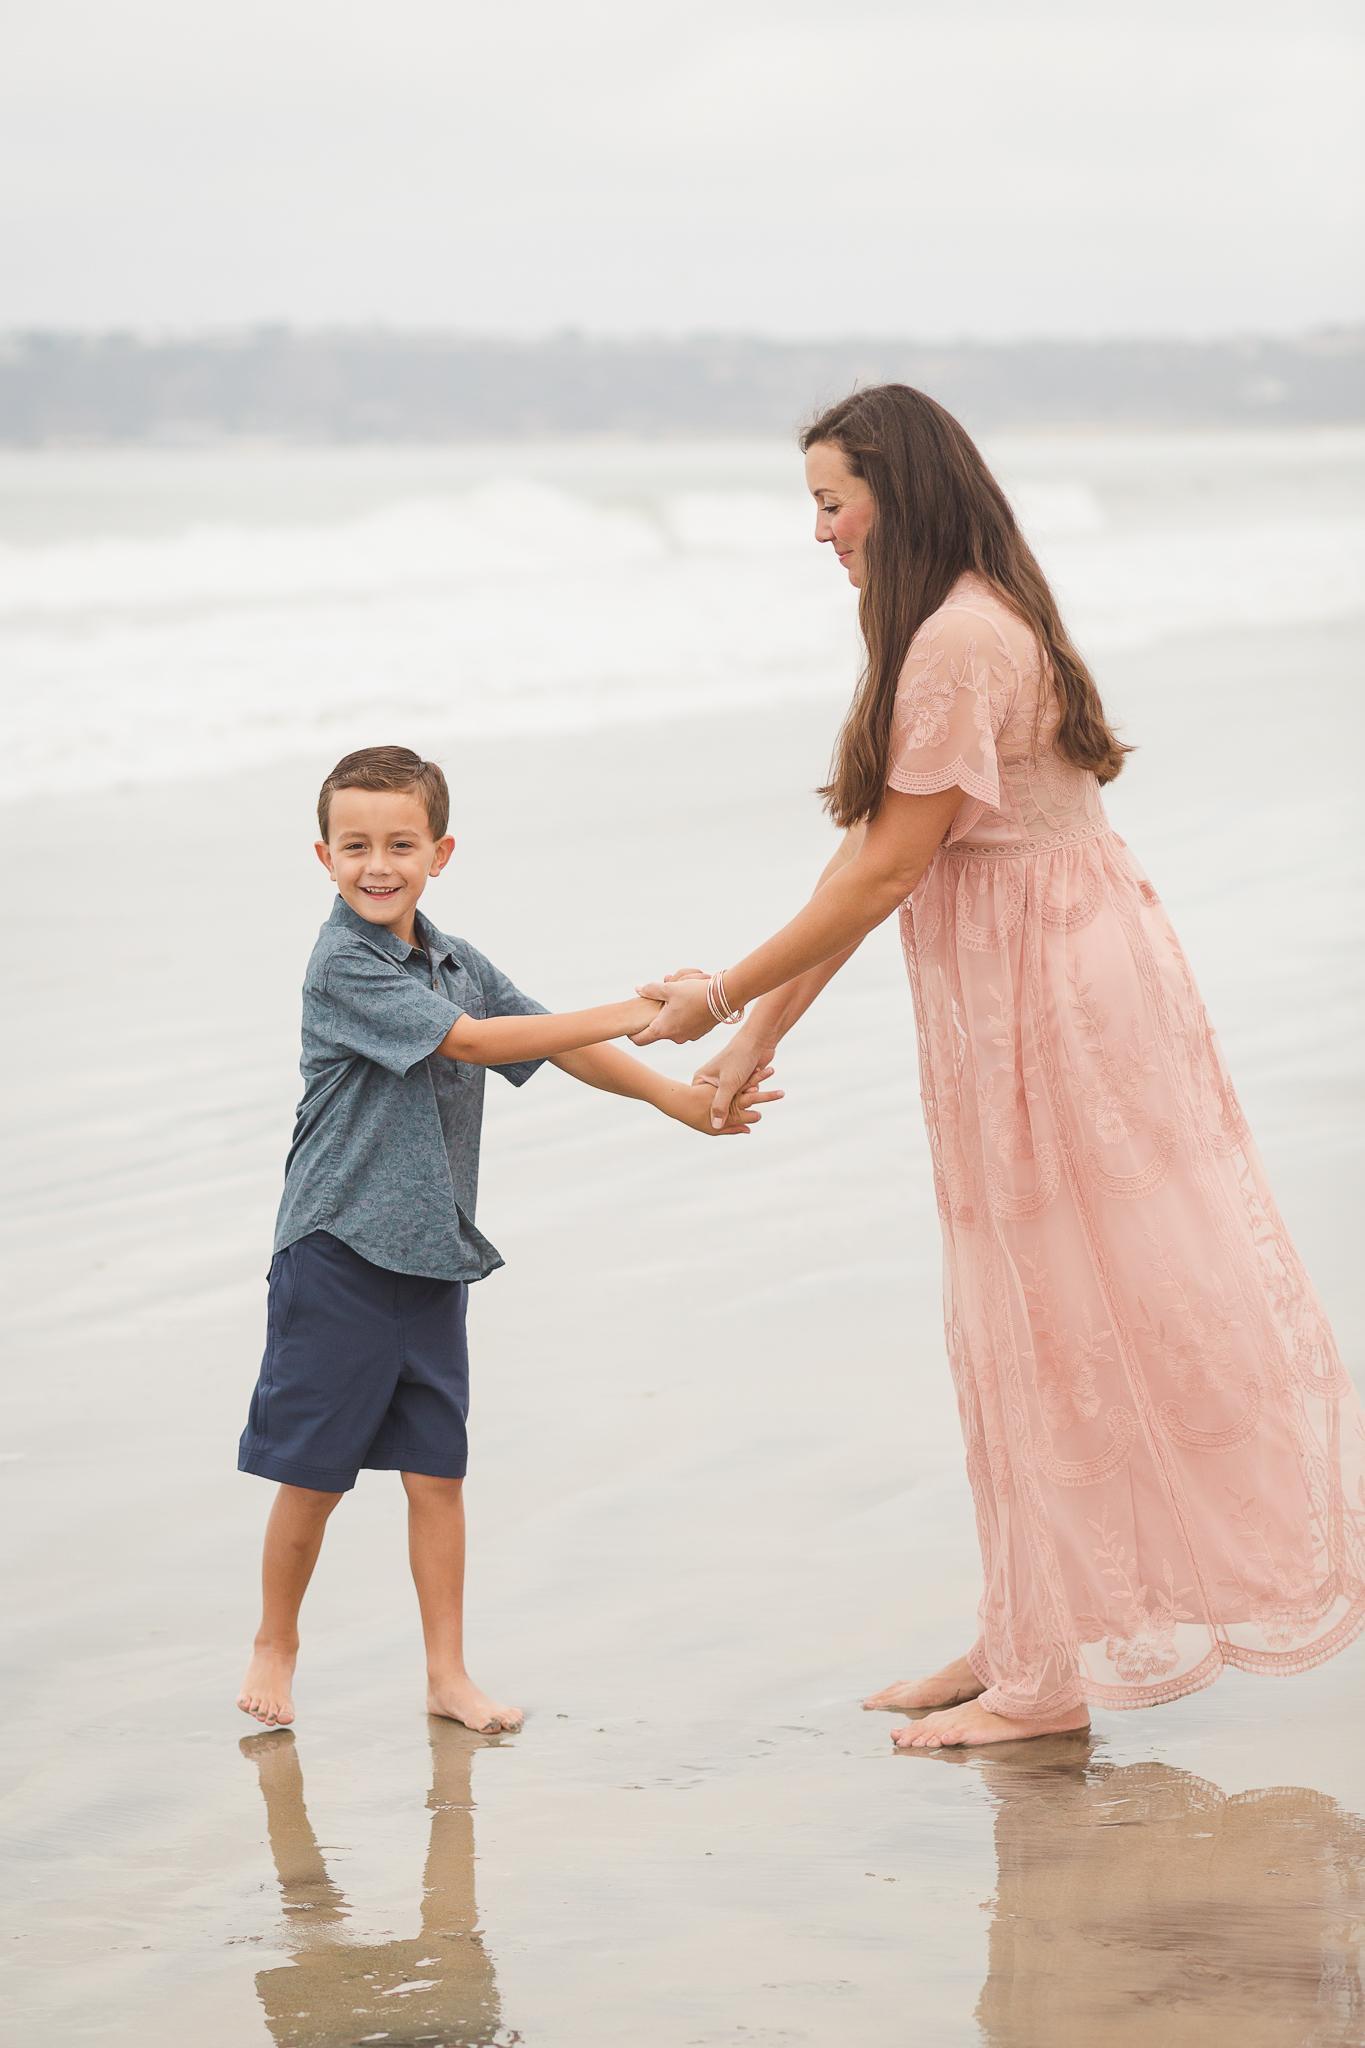 Coronado-Family-Photographer-Vacation-Photos-WS-28.jpg